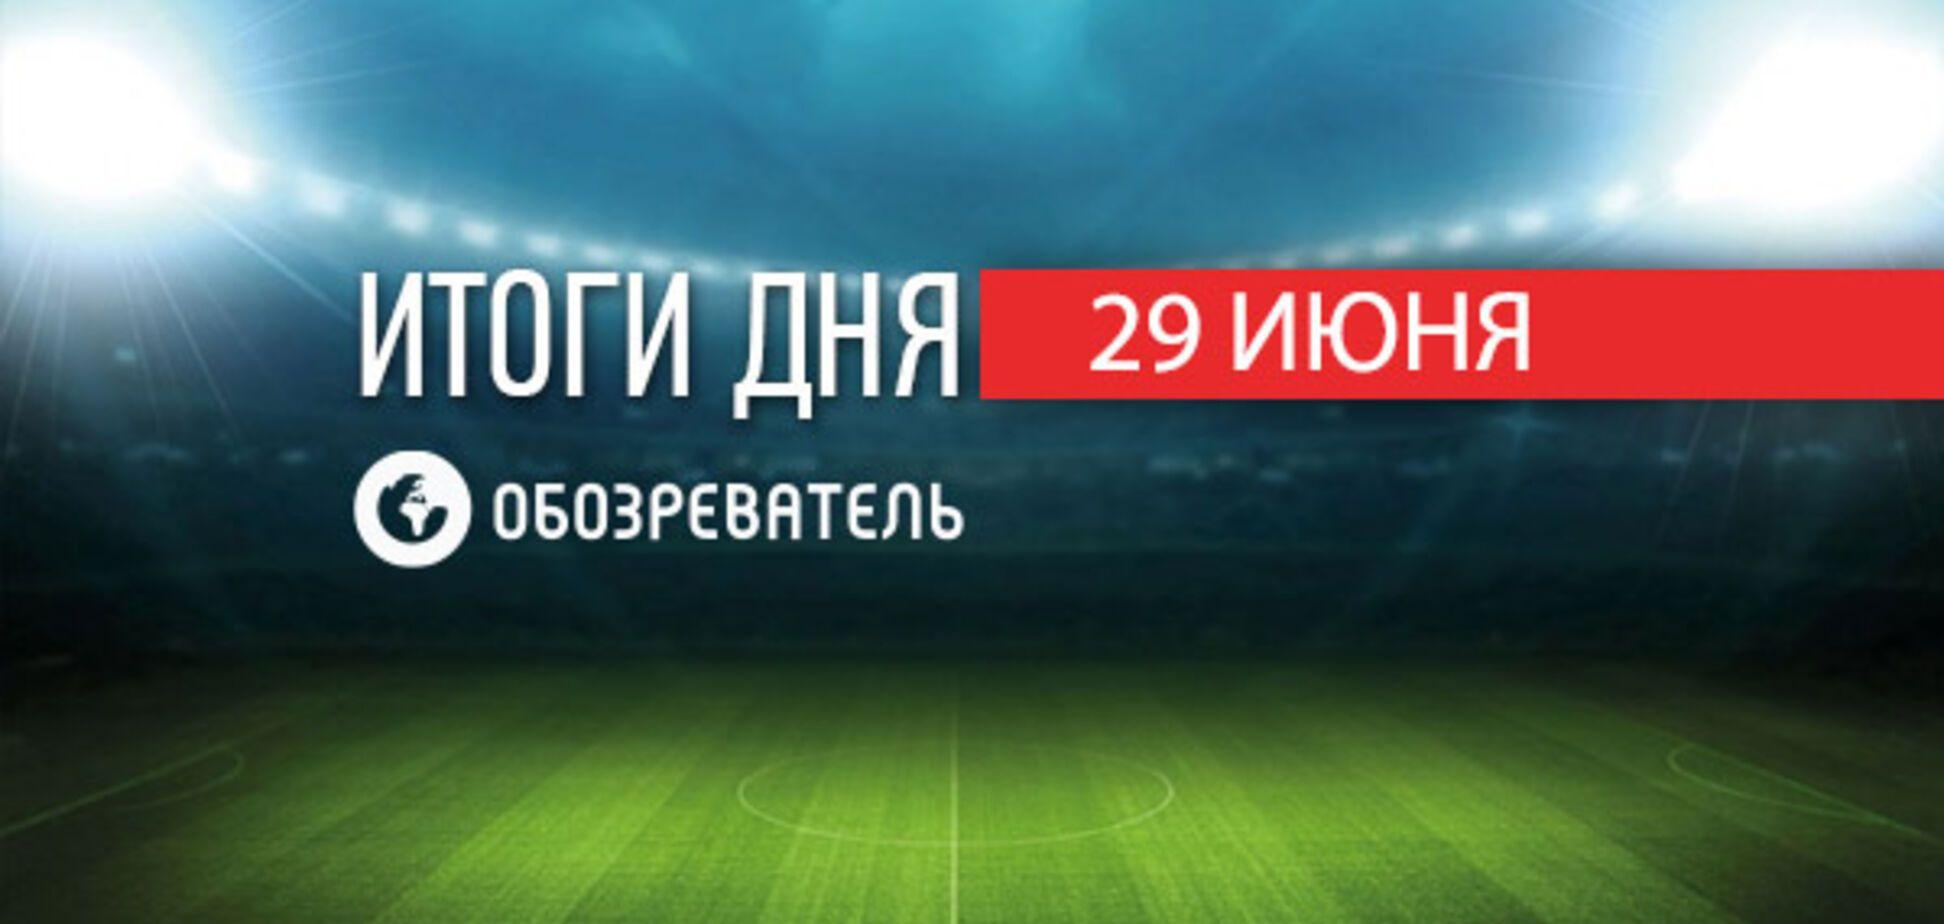 Главный соперник Ломаченко победил брутальным нокаутом: спортивные итоги 29 июня